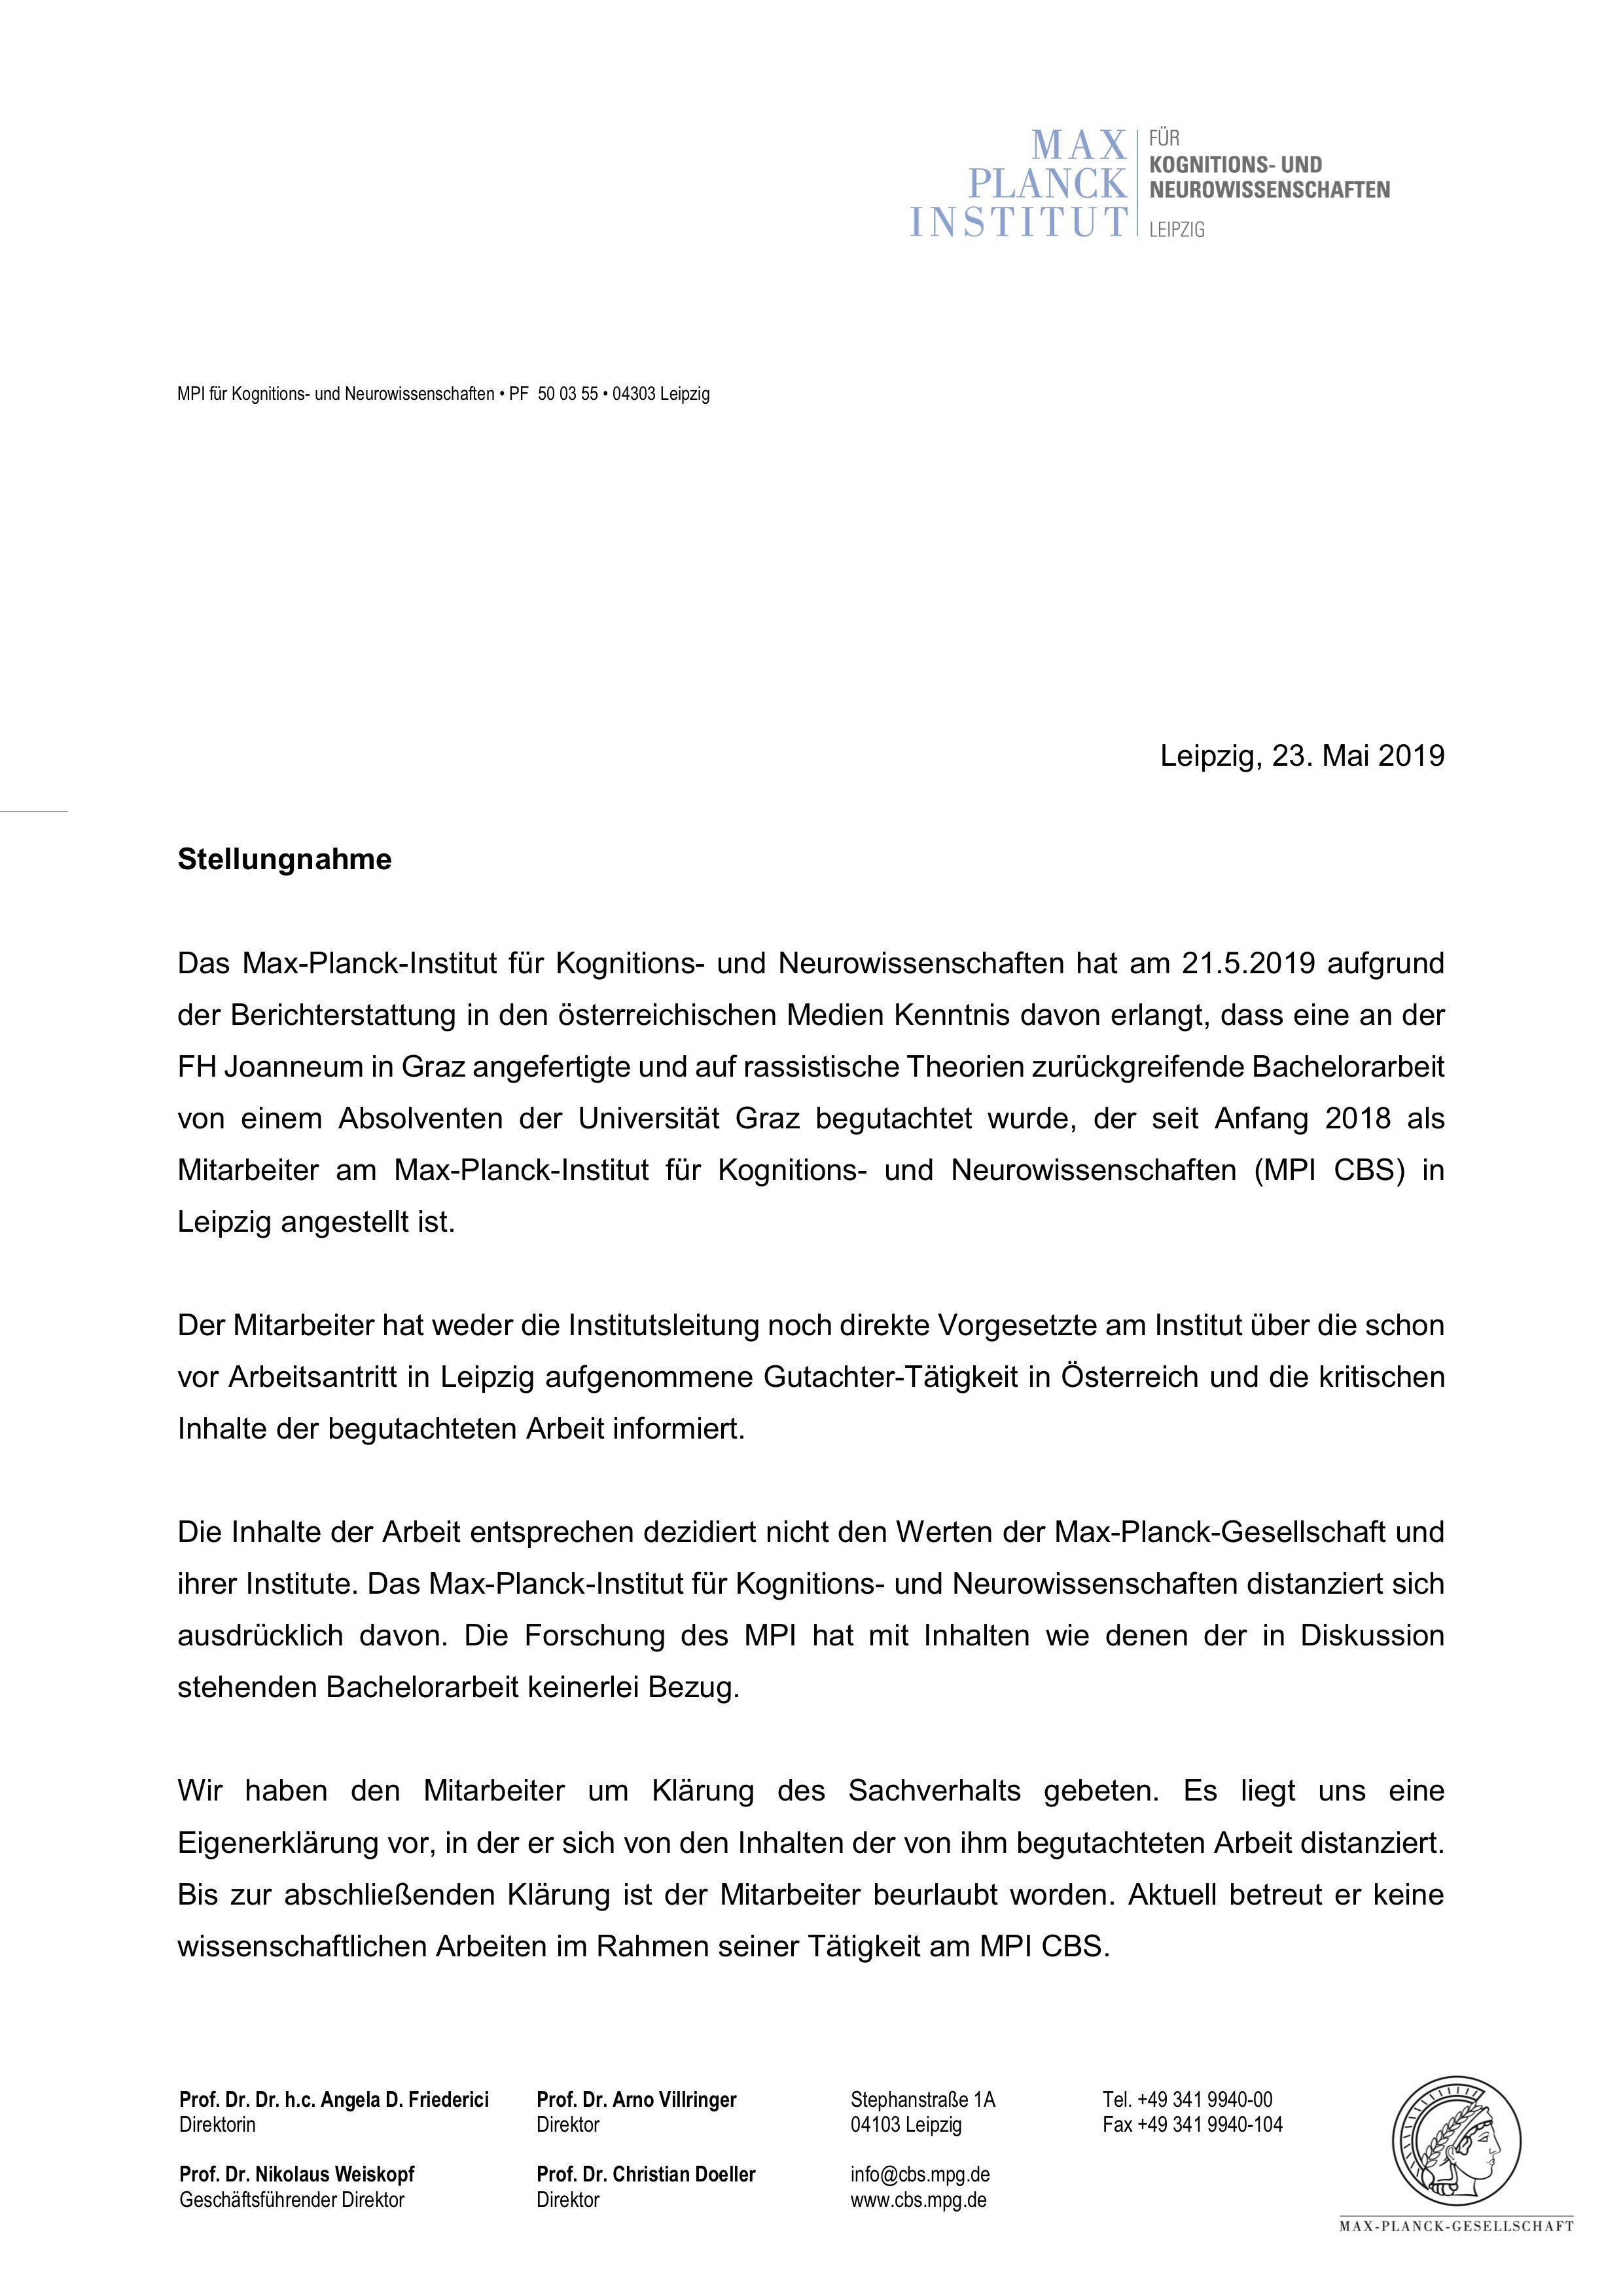 Stellungnahme des Max-Planck-Instituts Leipzig zur Begutachtung der rassistischen Bachelorarbeit (23.05.2019)